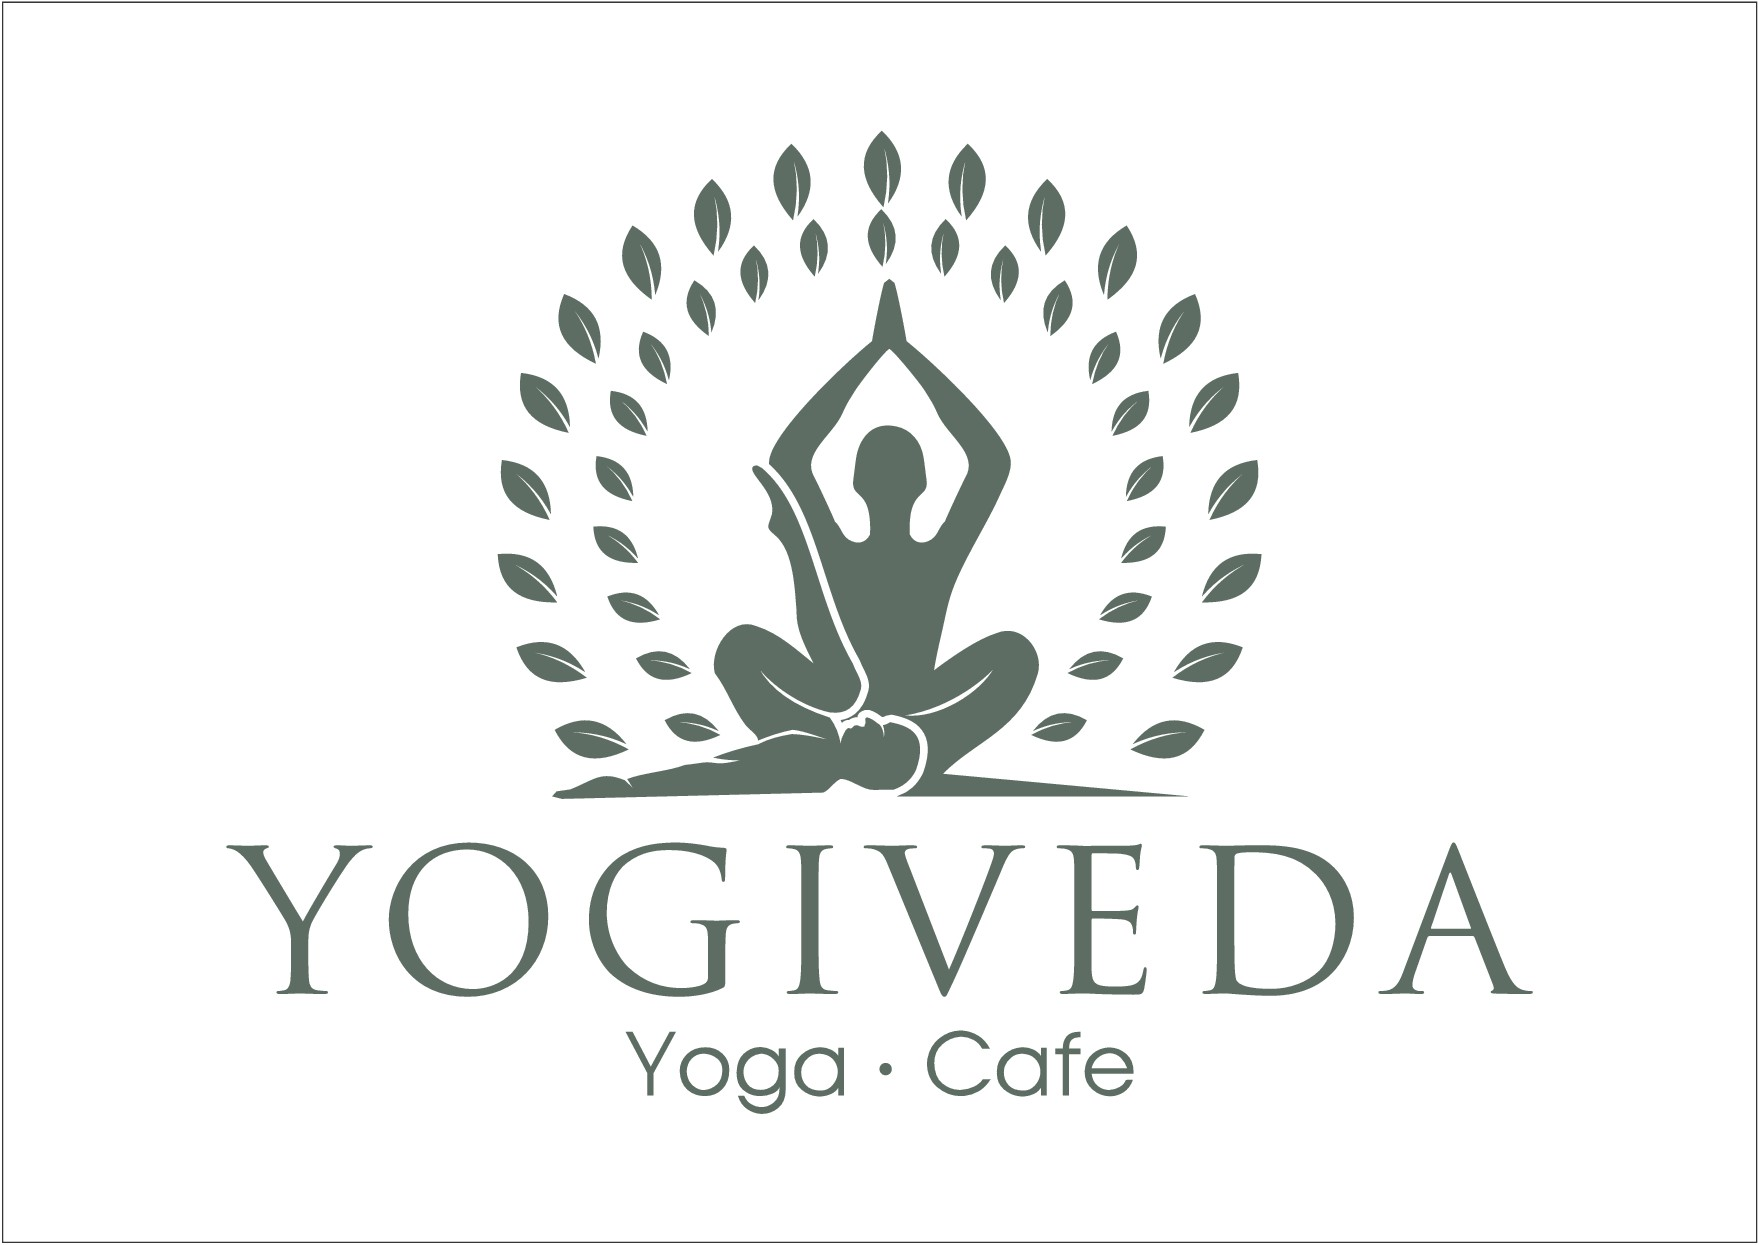 Logo für Yoga Café/Bistro mit ayurvedischer Küche gesucht (evtl Zusatz auch yoga & food )